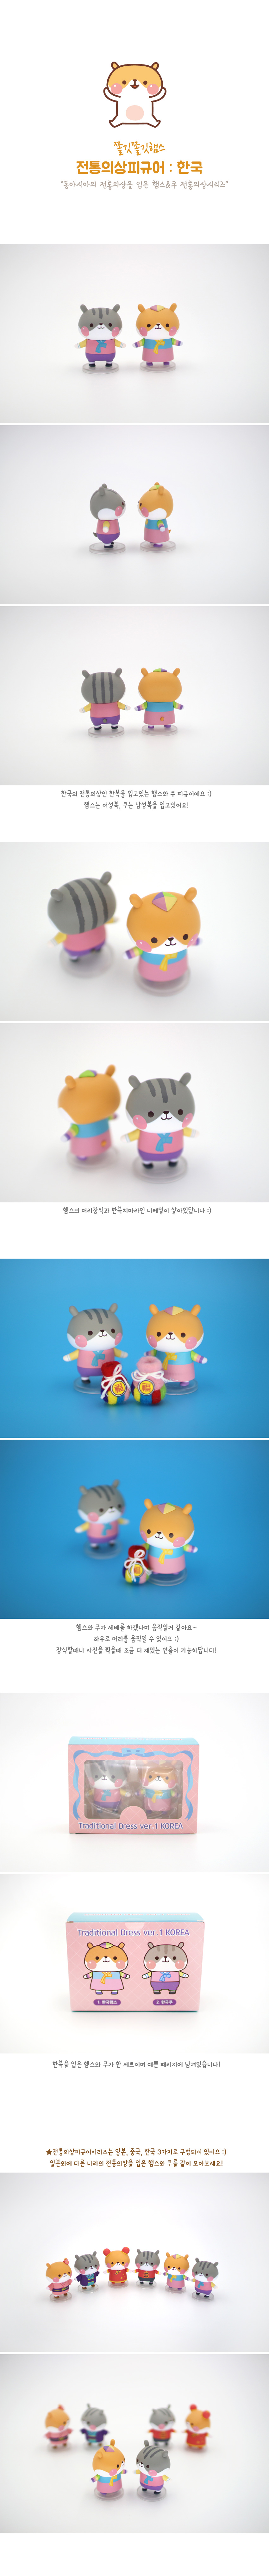 햄스 전통의상 피규어 - 한국 - 쫄깃쫄깃 햄스티커, 19,500원, 캐릭터 피규어, 기타 캐릭터피규어